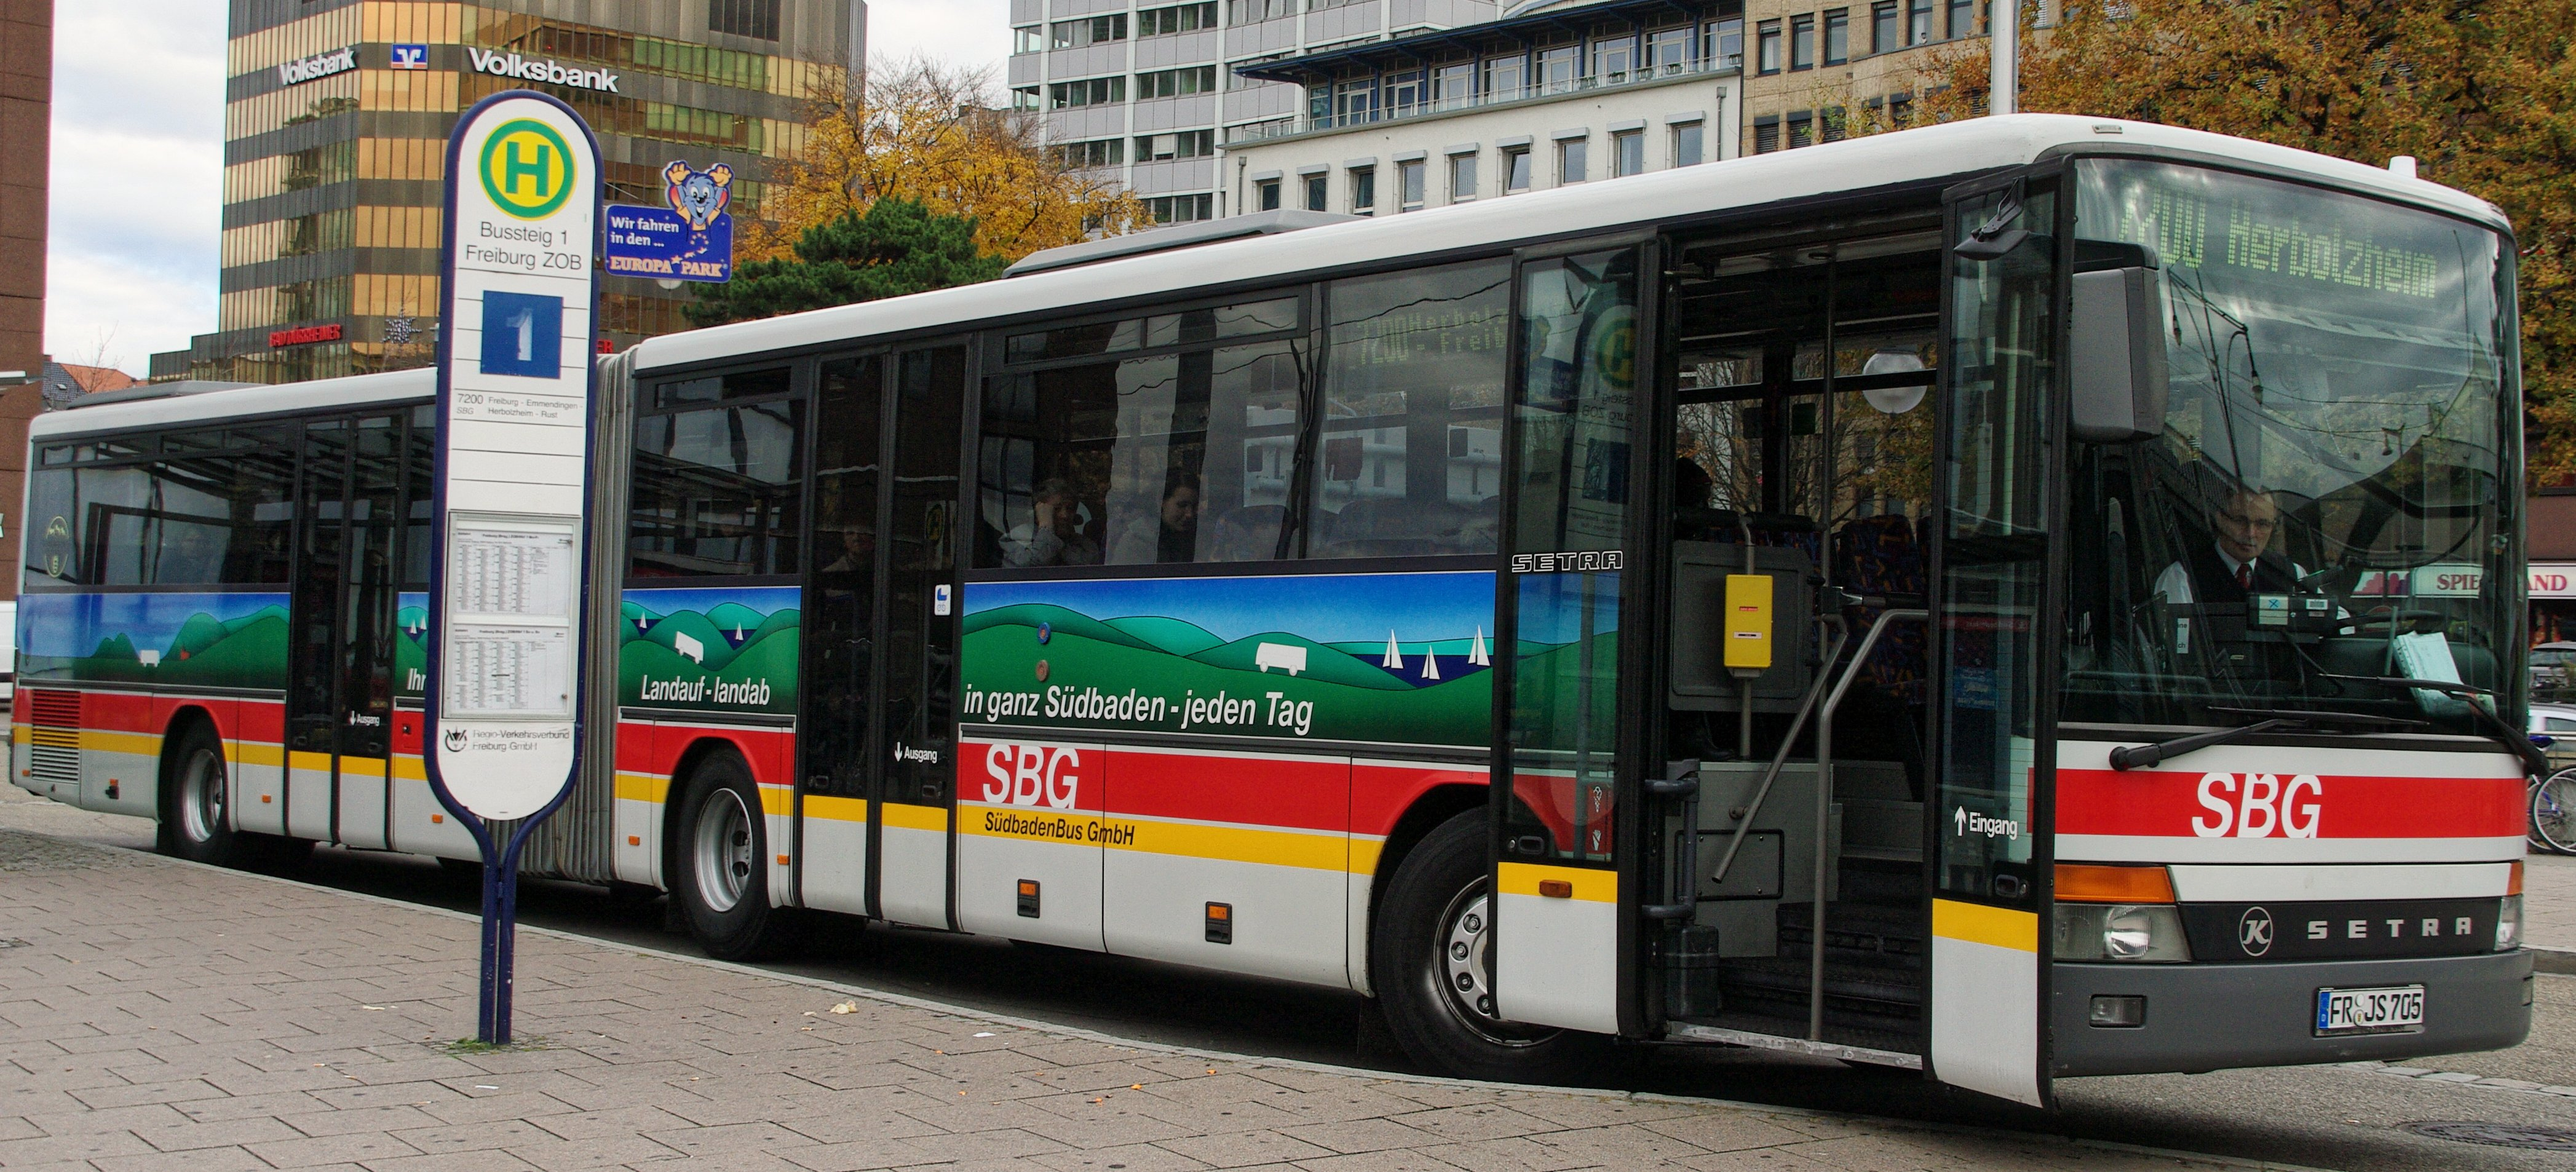 Suedbadenbus